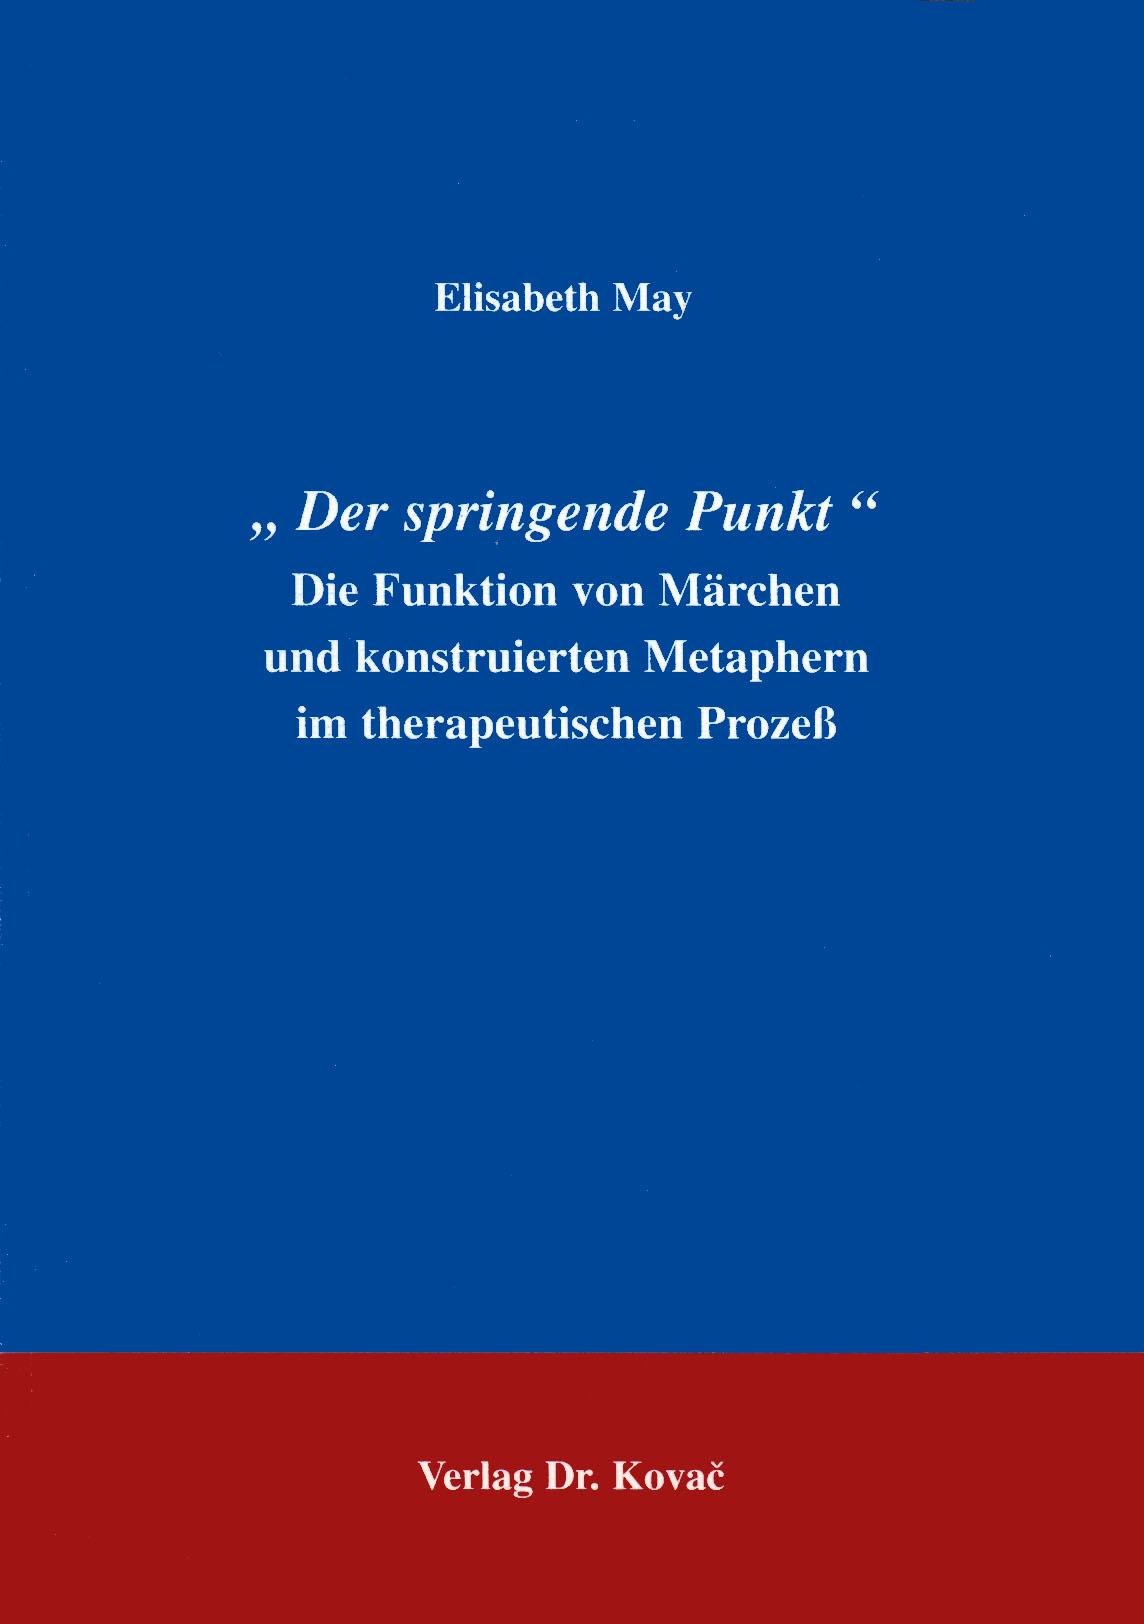 Cover: Der springende Punkt' Die Funktion von Märchen und konstruierten Metaphern im therapeuetischen Prozeß